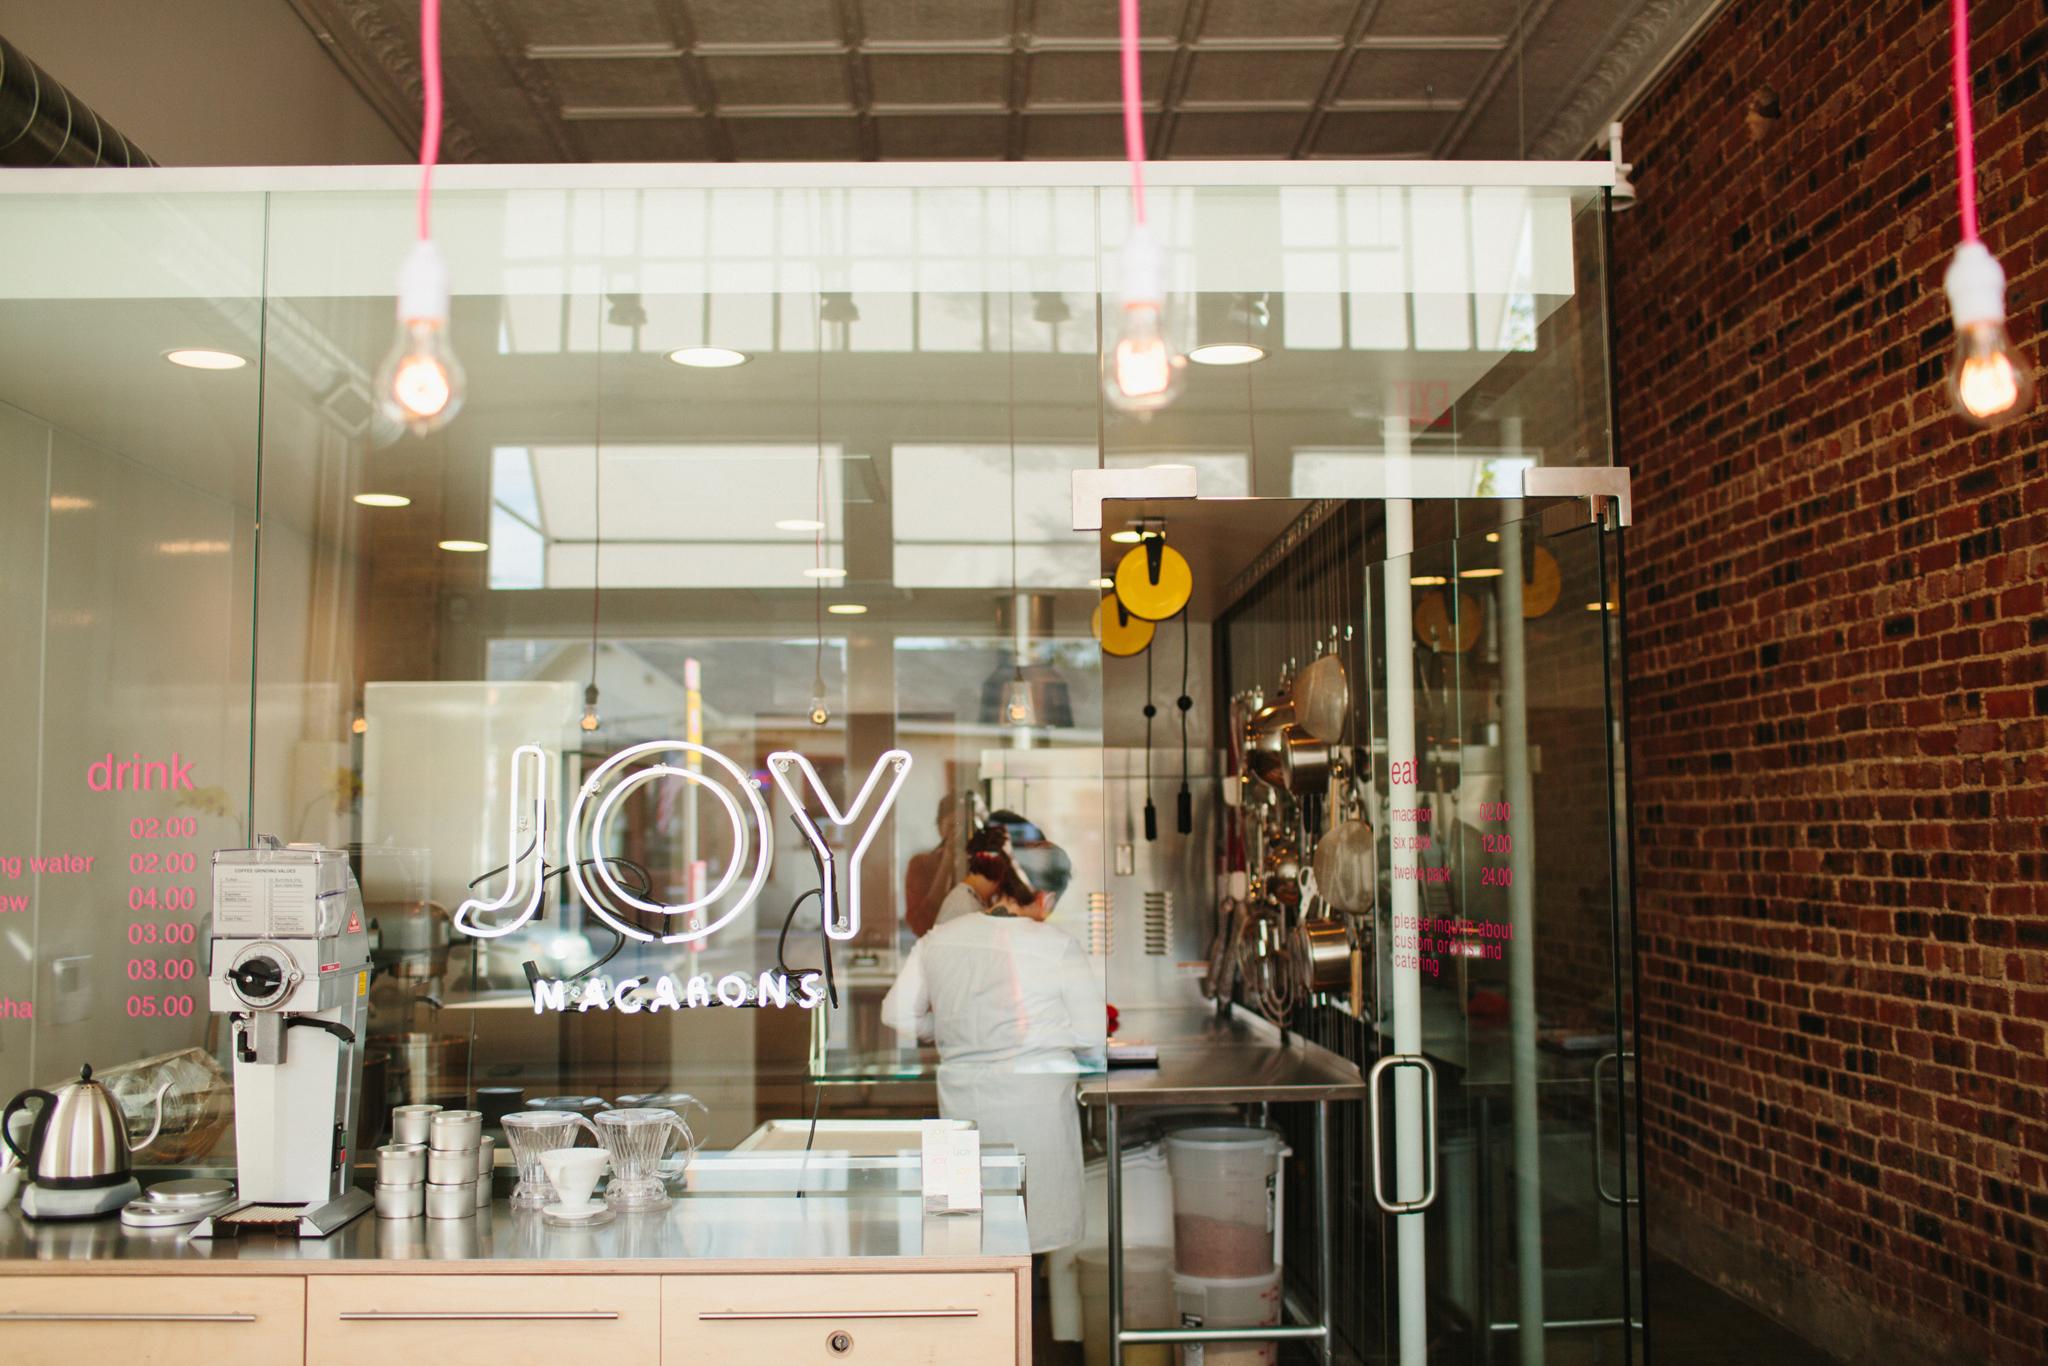 joymacarons-0017.jpg